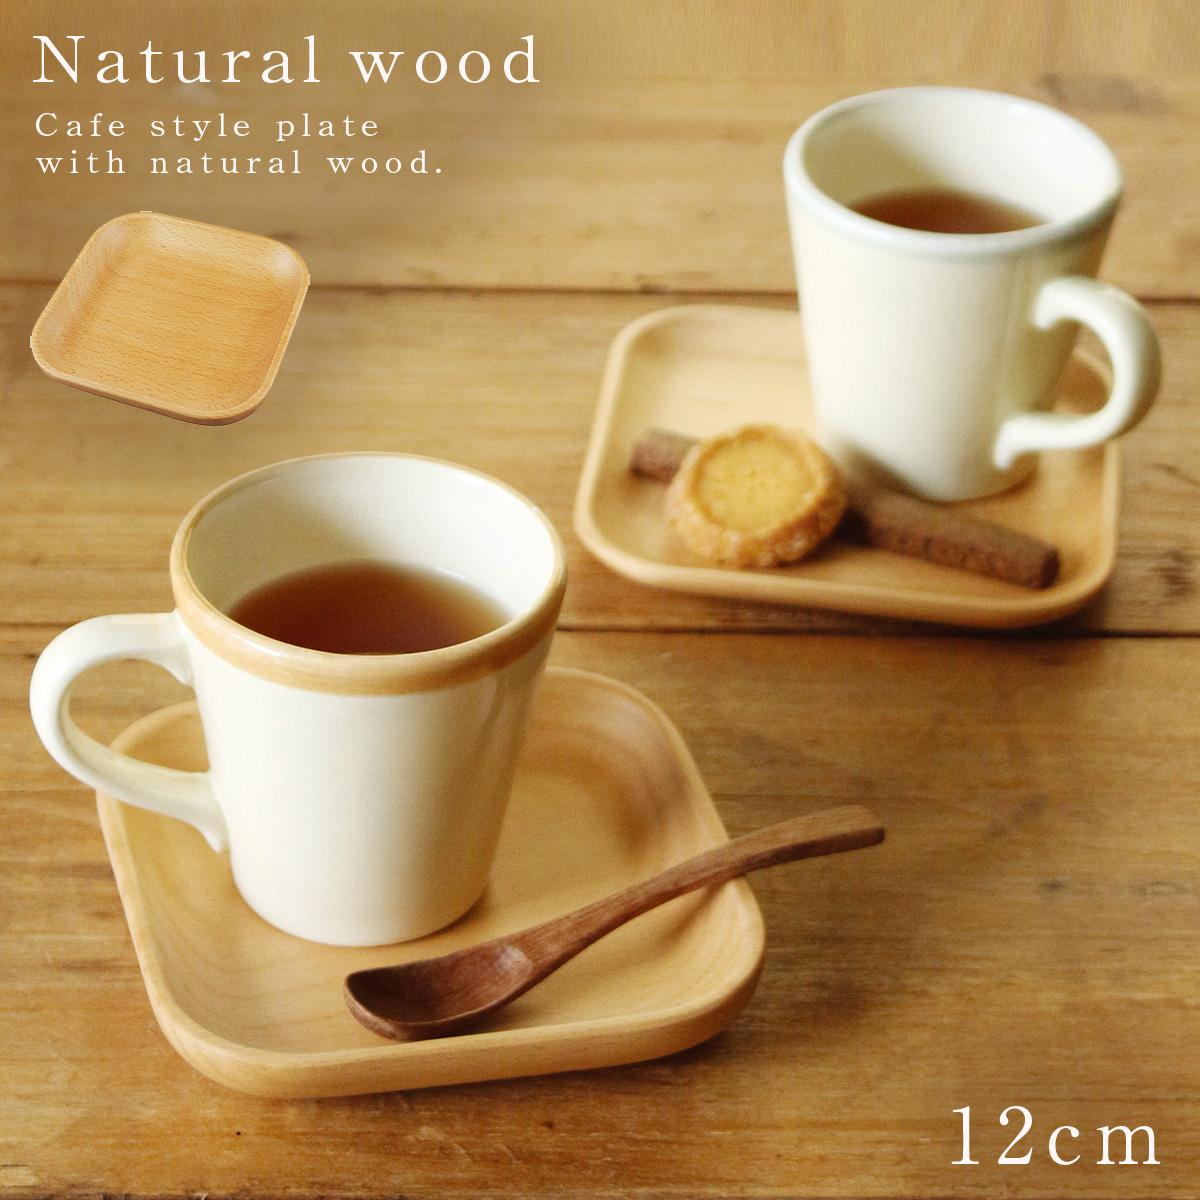 ぬくもりのある優しさを感じるブナ素材の角プレート 木製 プレート セール 登場から人気沸騰 食器 おしゃれ 角プレート 12 3V3-2 ブナ 保証